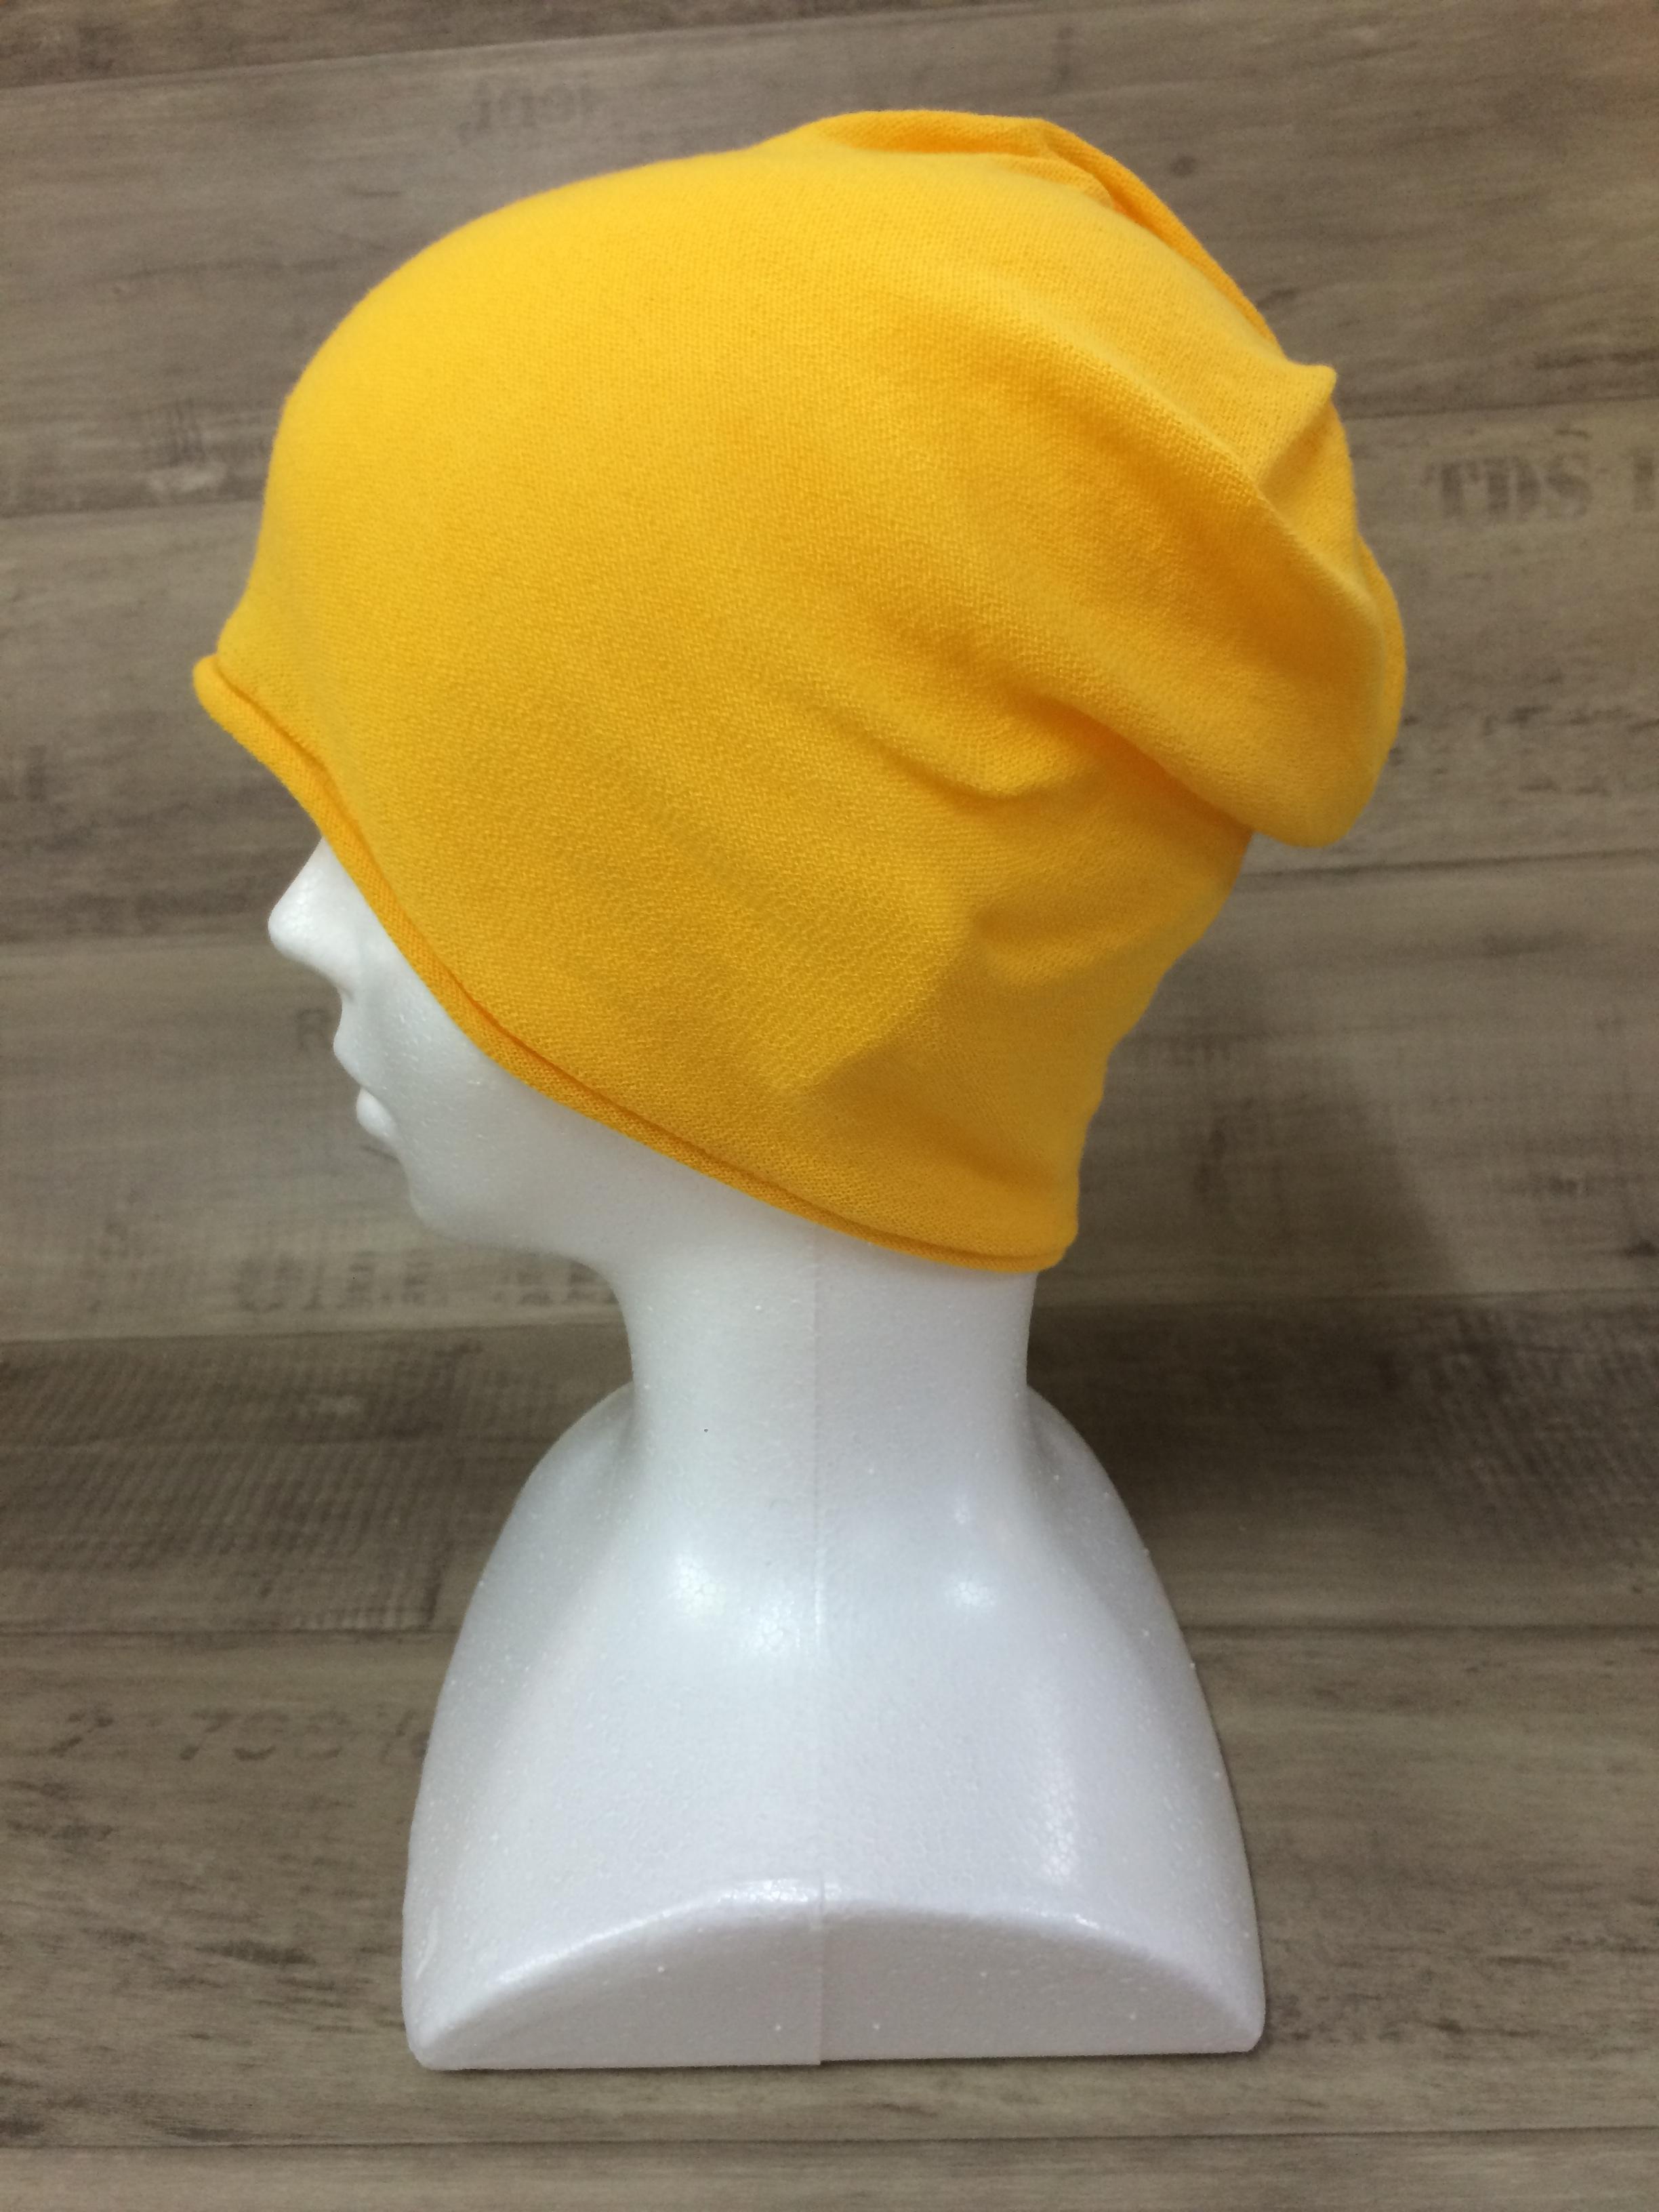 【送料無料】こころが軽くなるニット帽子amuamu|新潟の老舗ニットメーカーが考案した抗がん治療中の脱毛ストレスを軽減する機能性と豊富なデザイン NB-6060|山吹色(やまぶきいろ)